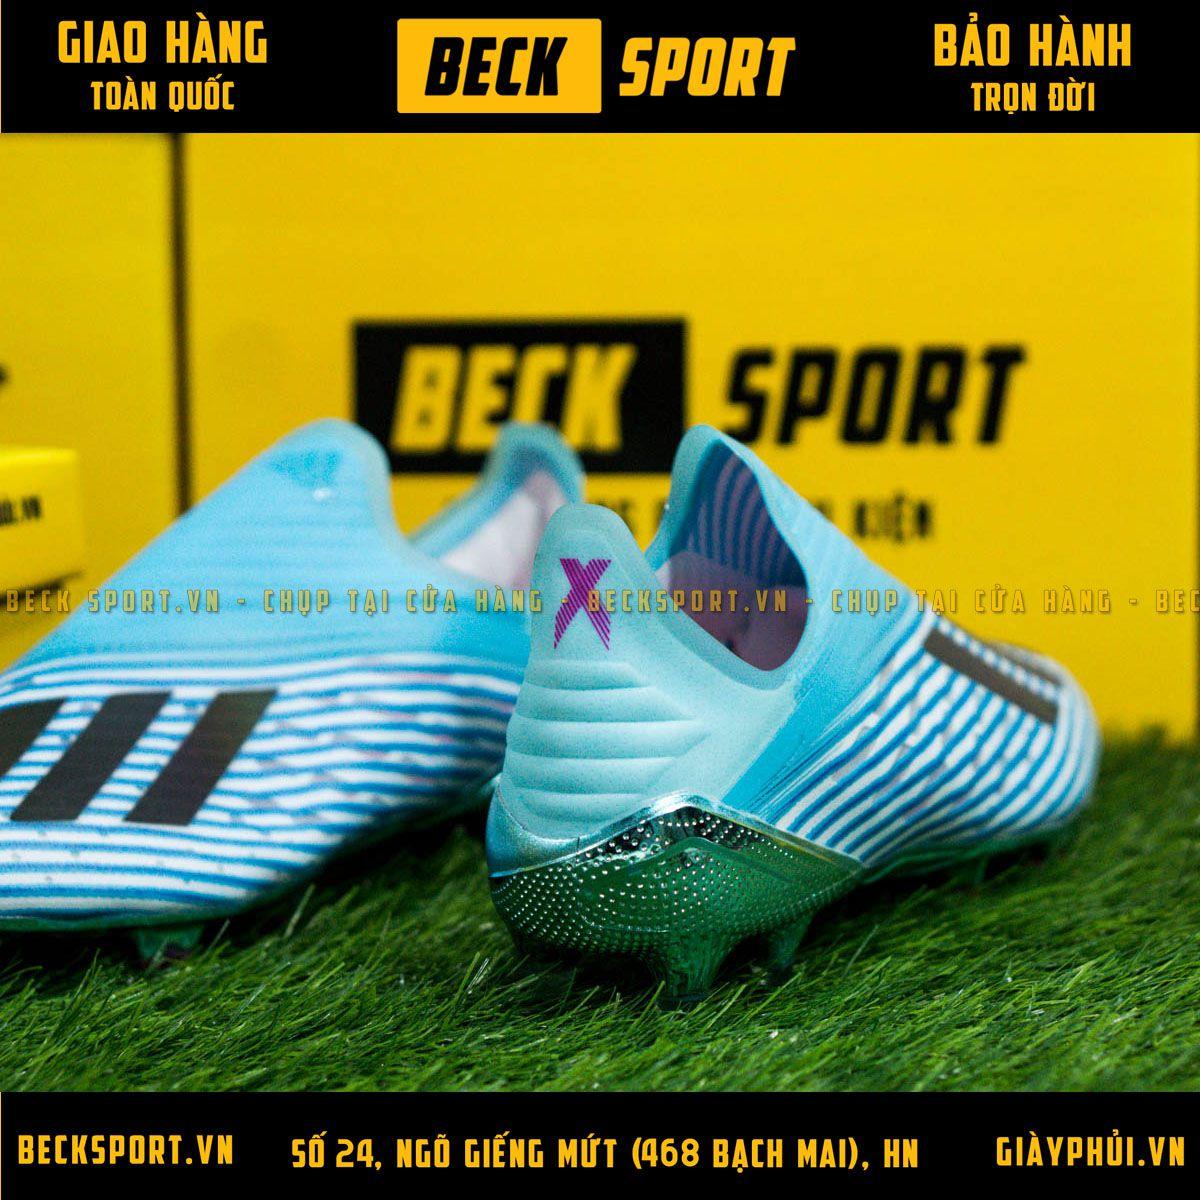 Giày Bóng Đá Adidas X 19+ Xanh Ngọc Vạch Đen Không Dây FG